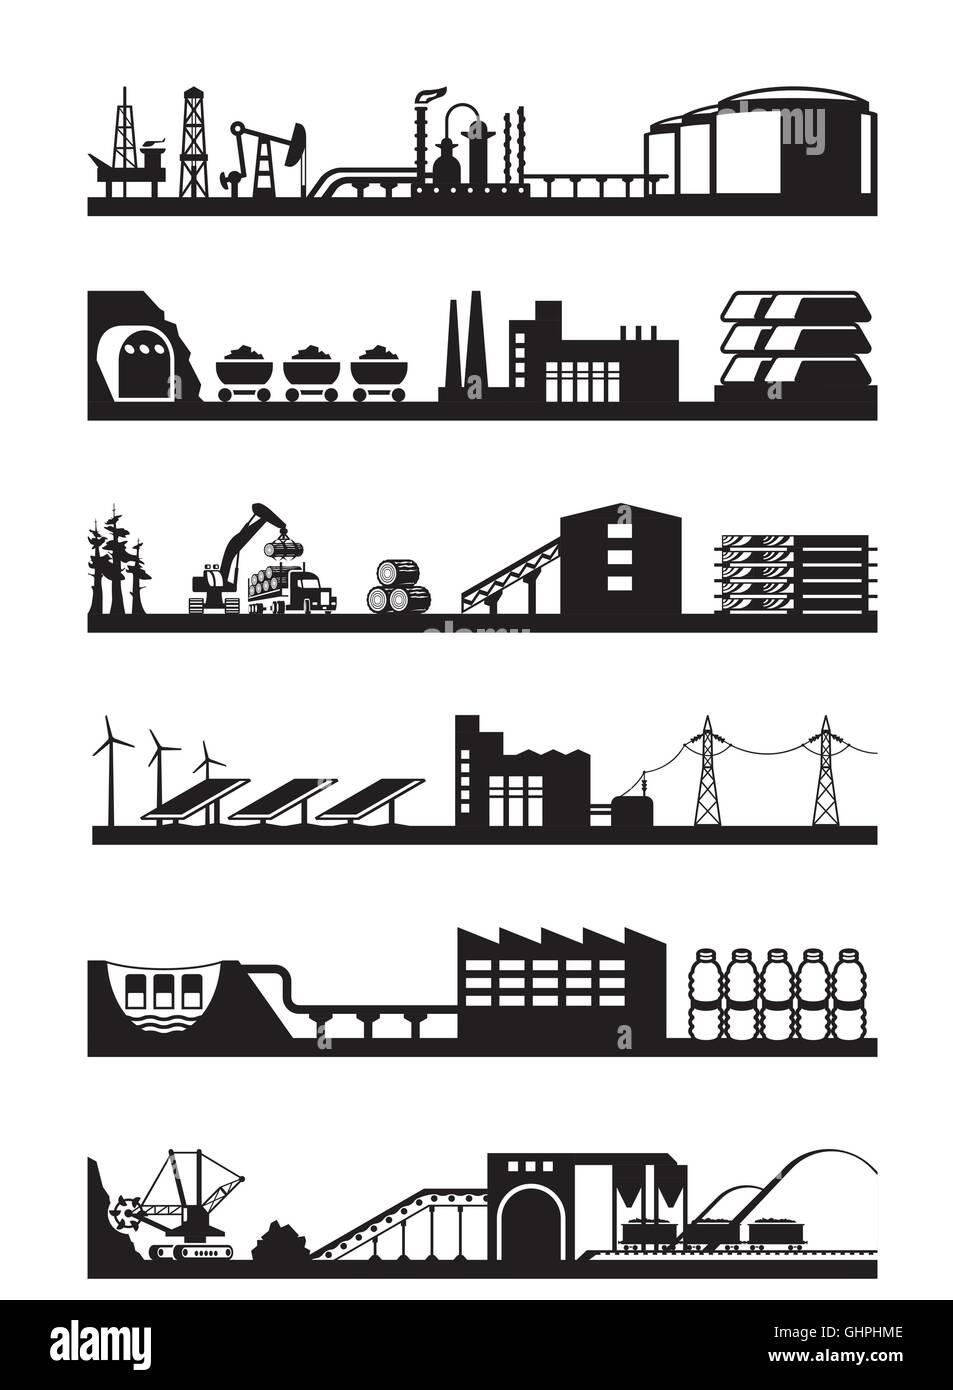 Estrazione e trasformazione delle risorse naturali - illustrazione vettoriale Immagini Stock